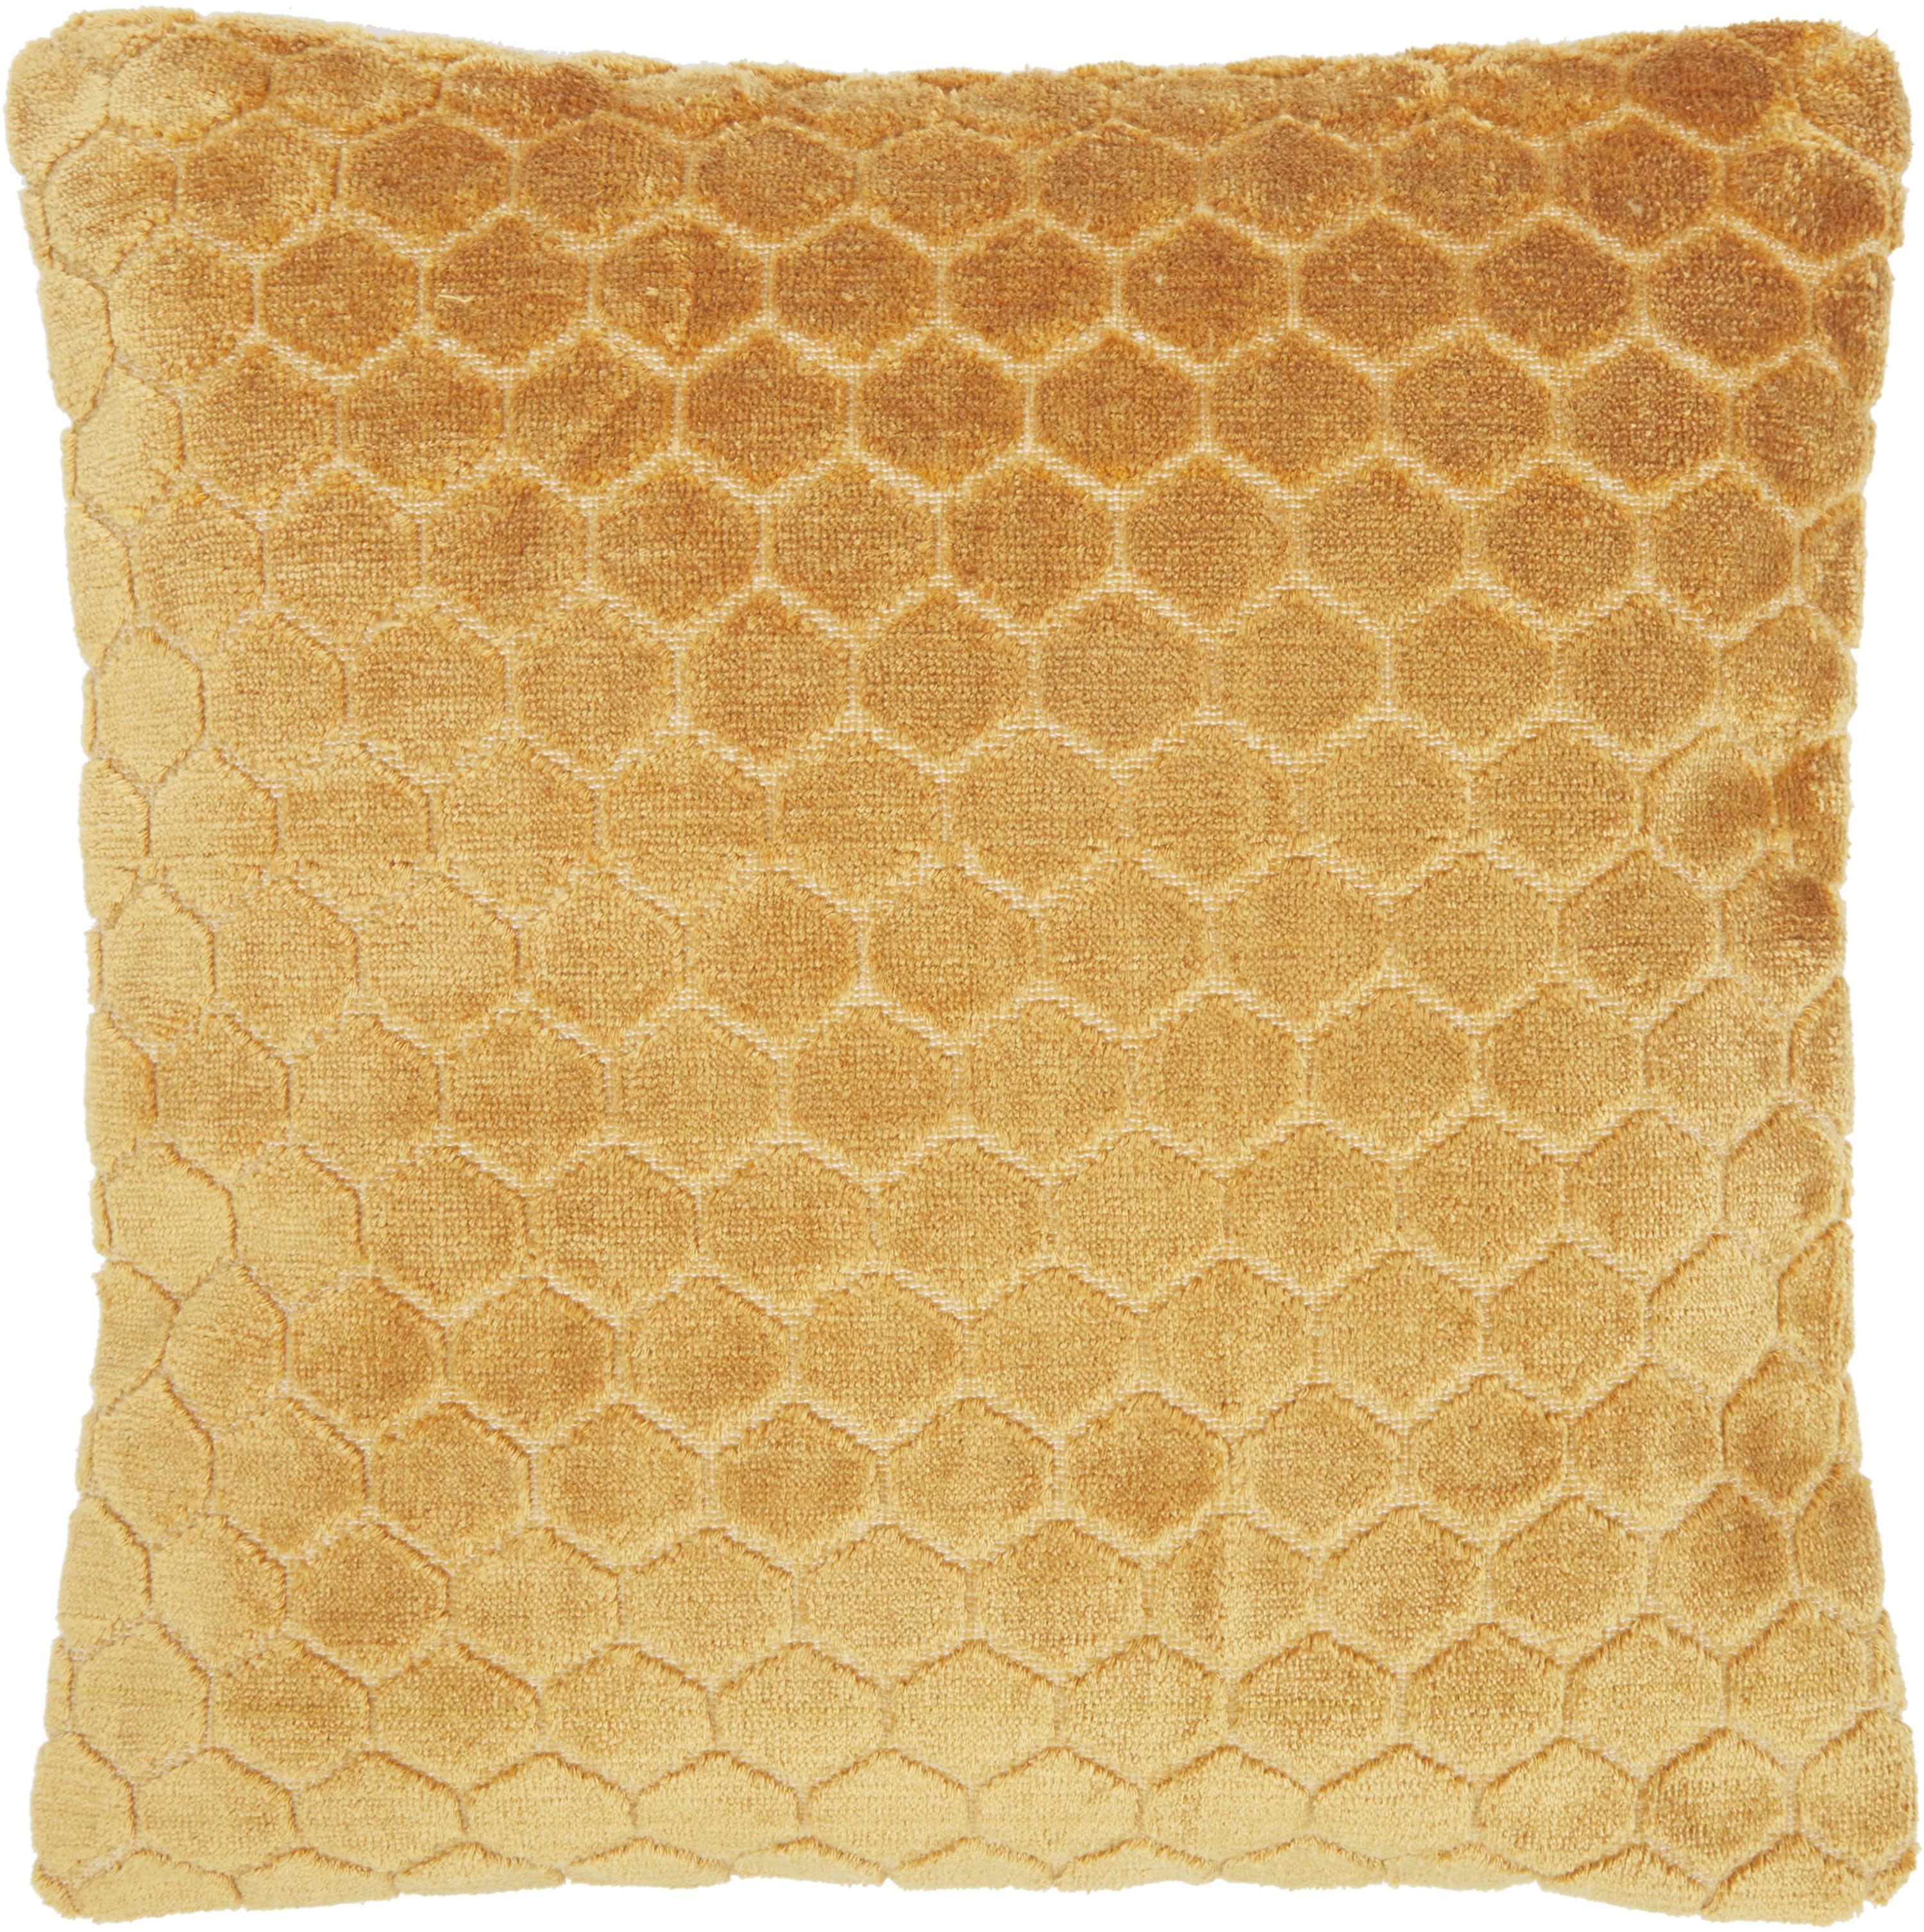 Samt-Kissenhülle Carraway, Vorderseite: 51% Polyester, 49% Viskos, Rückseite: 100% Baumwolle, Senfgelb, 45 x 45 cm